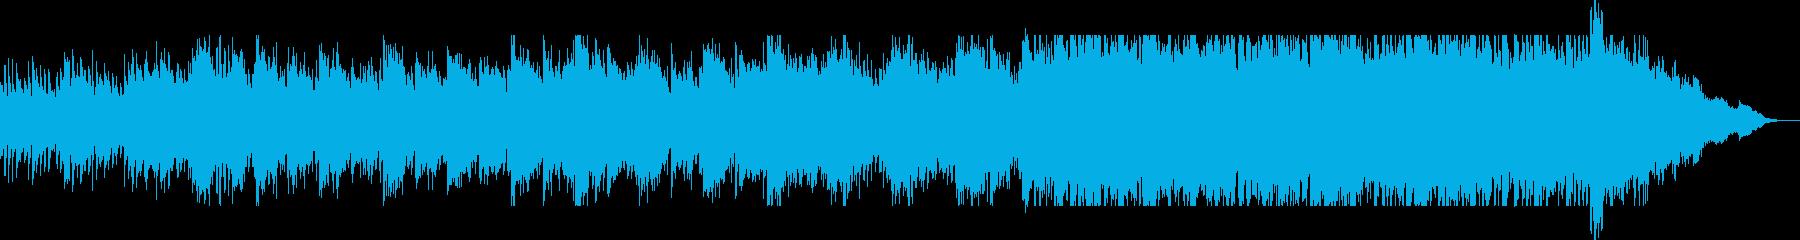 力強いピアノのメロディが壮大なポップの再生済みの波形